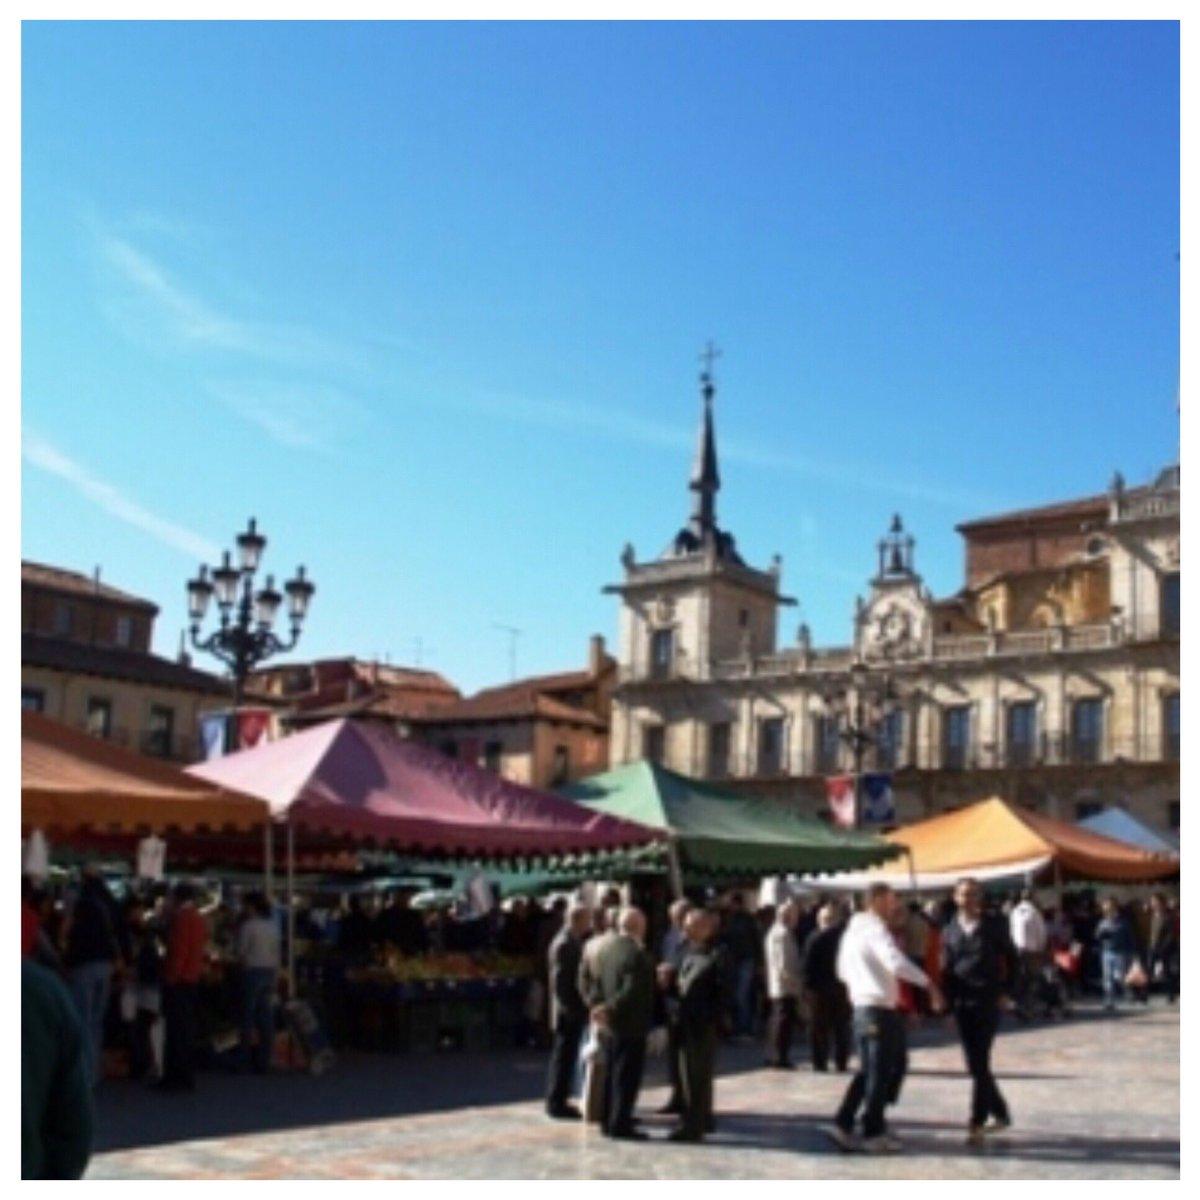 Hoy #mercadillo 🧶🥒🍊🍏🧦🥾👖 #LeonEsp en la Plaza Mayor #tradicion con #encanto Si acudes a comprar 👀 con los #AmigosDeLoAjeno y si tienes/observas alguna incidencia nuestros 👮🏻♀️👮🏻♂️están por la zona,  cerca de ti   📞 092 / 112  #PoliciaLocalCercaDeTi